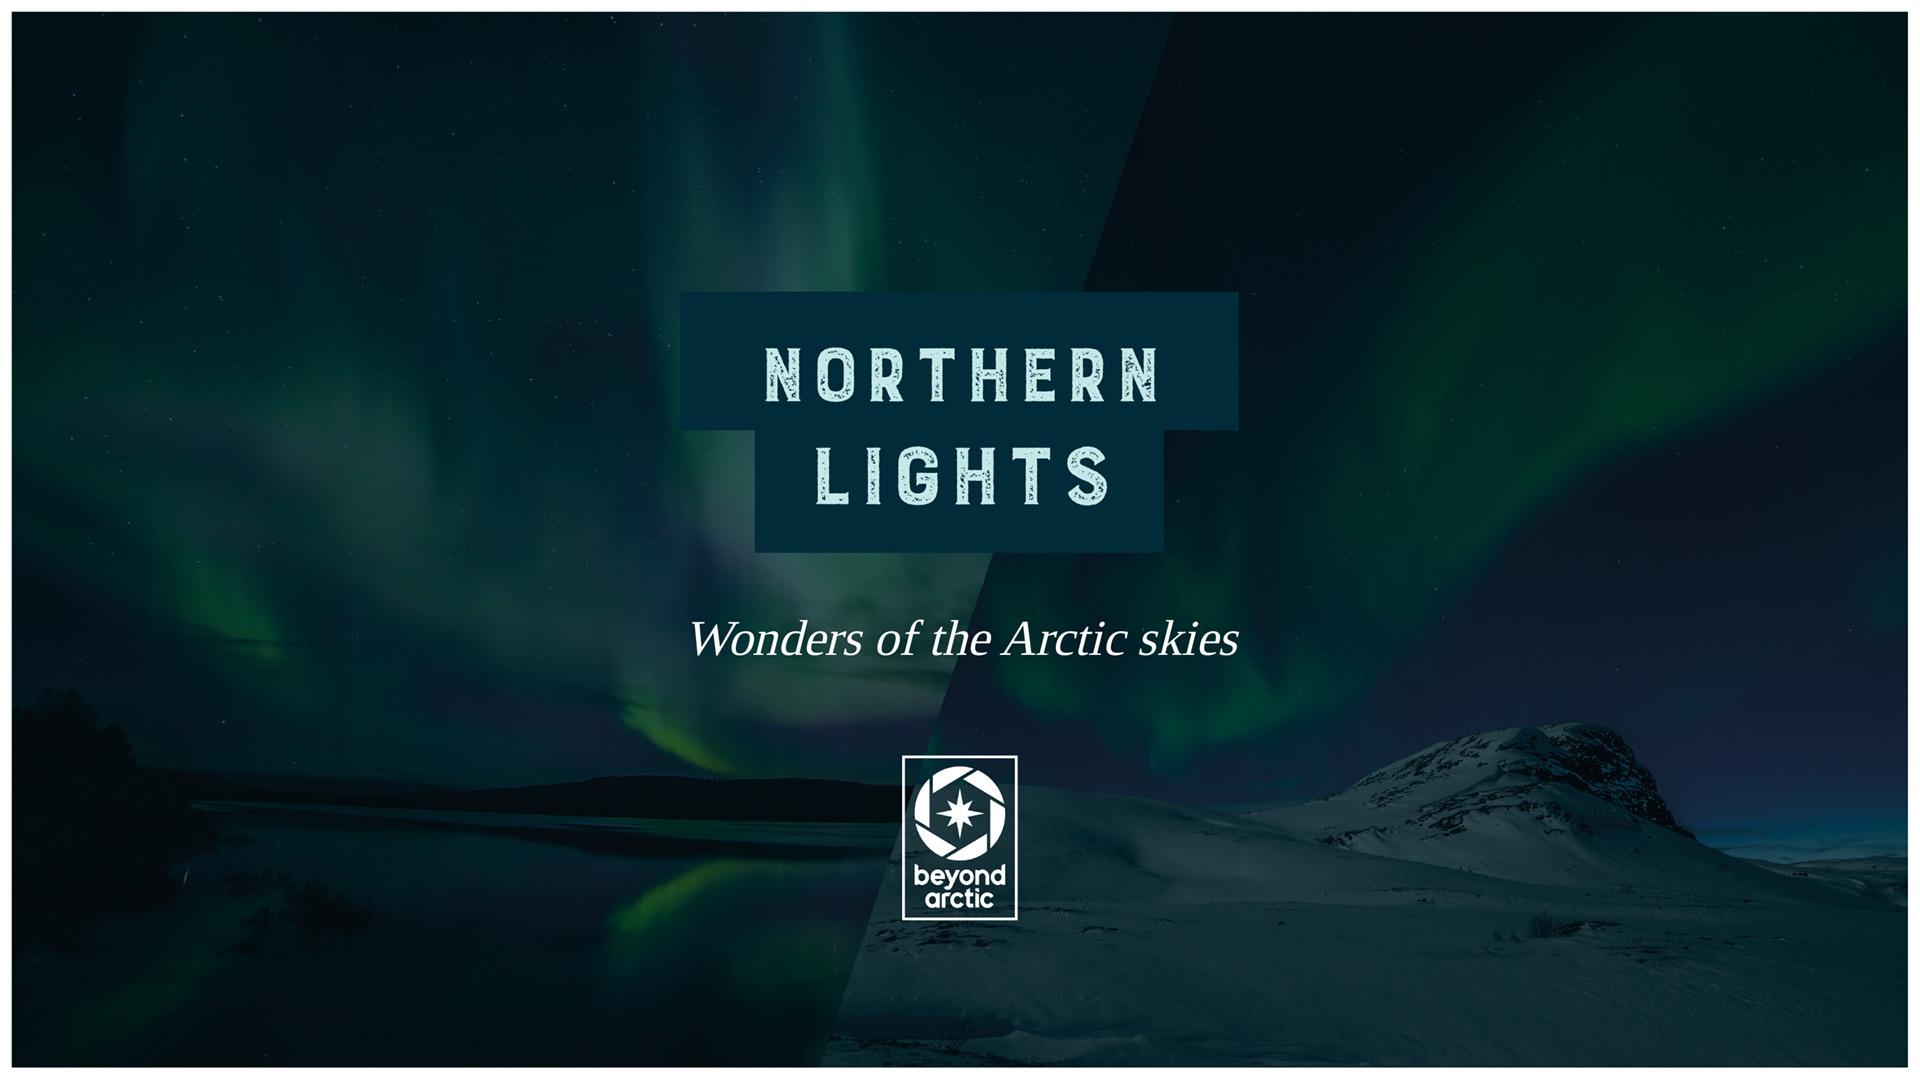 BeyondArctic-NorthernLights-KotaCollectivePhoto.jpg